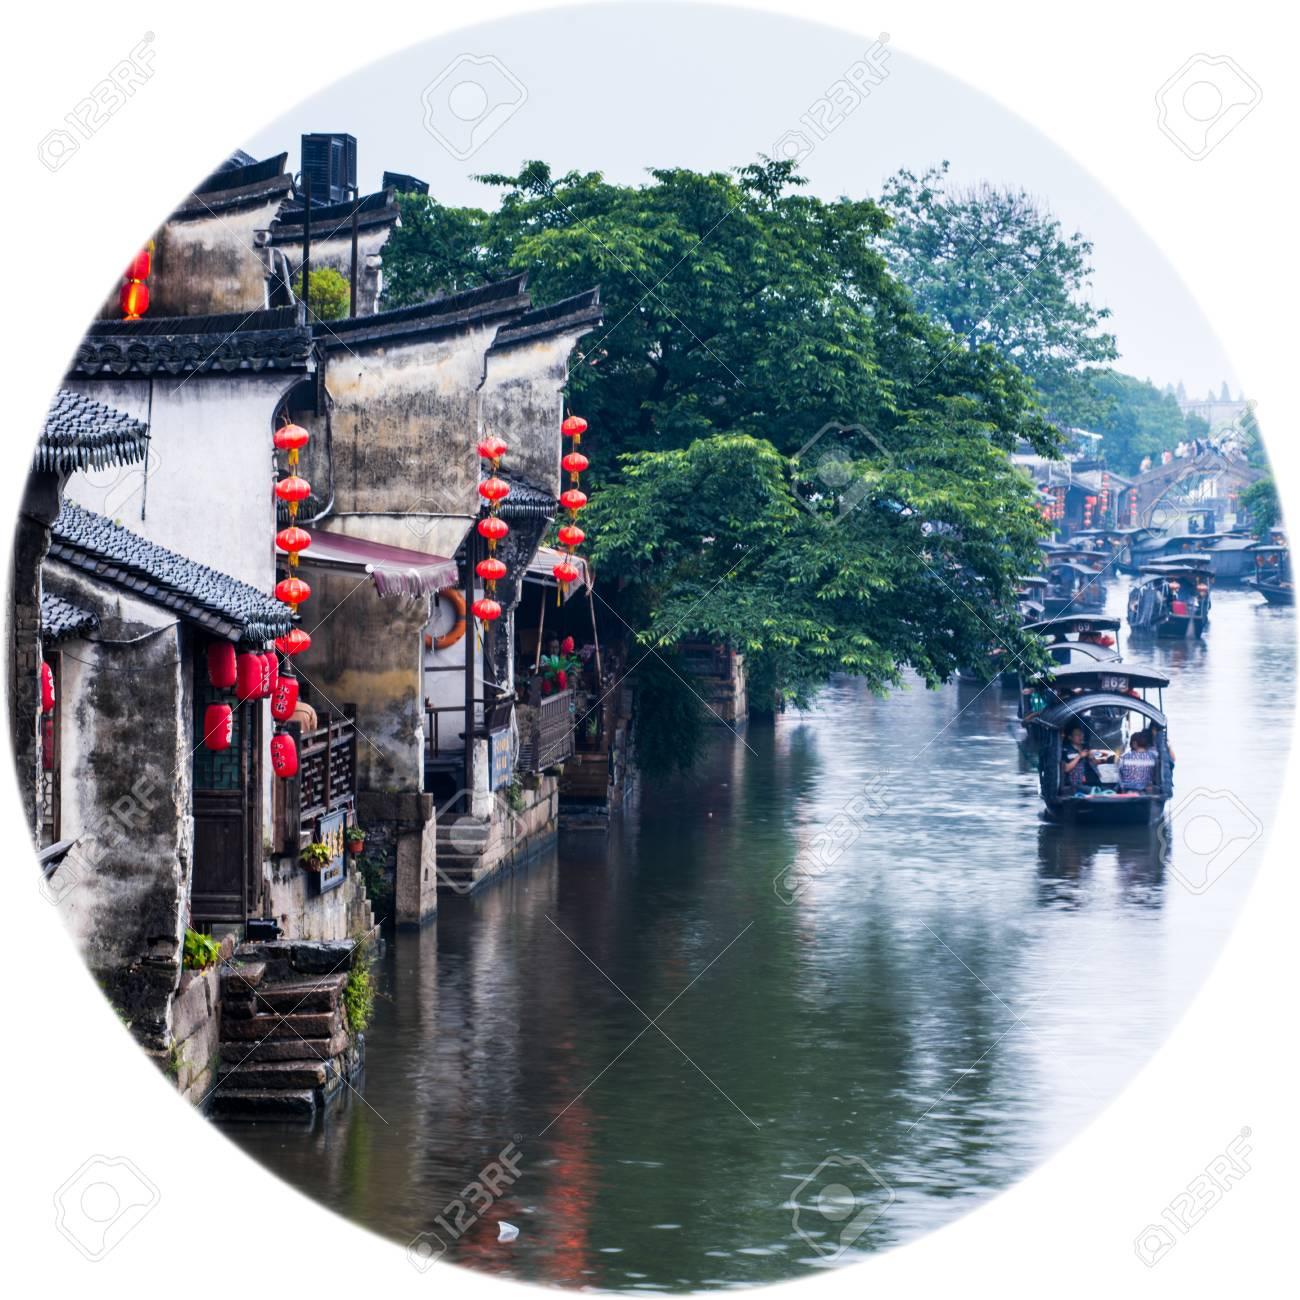 Ancient town, Xitang, Zhejiang Province, China - 61310232